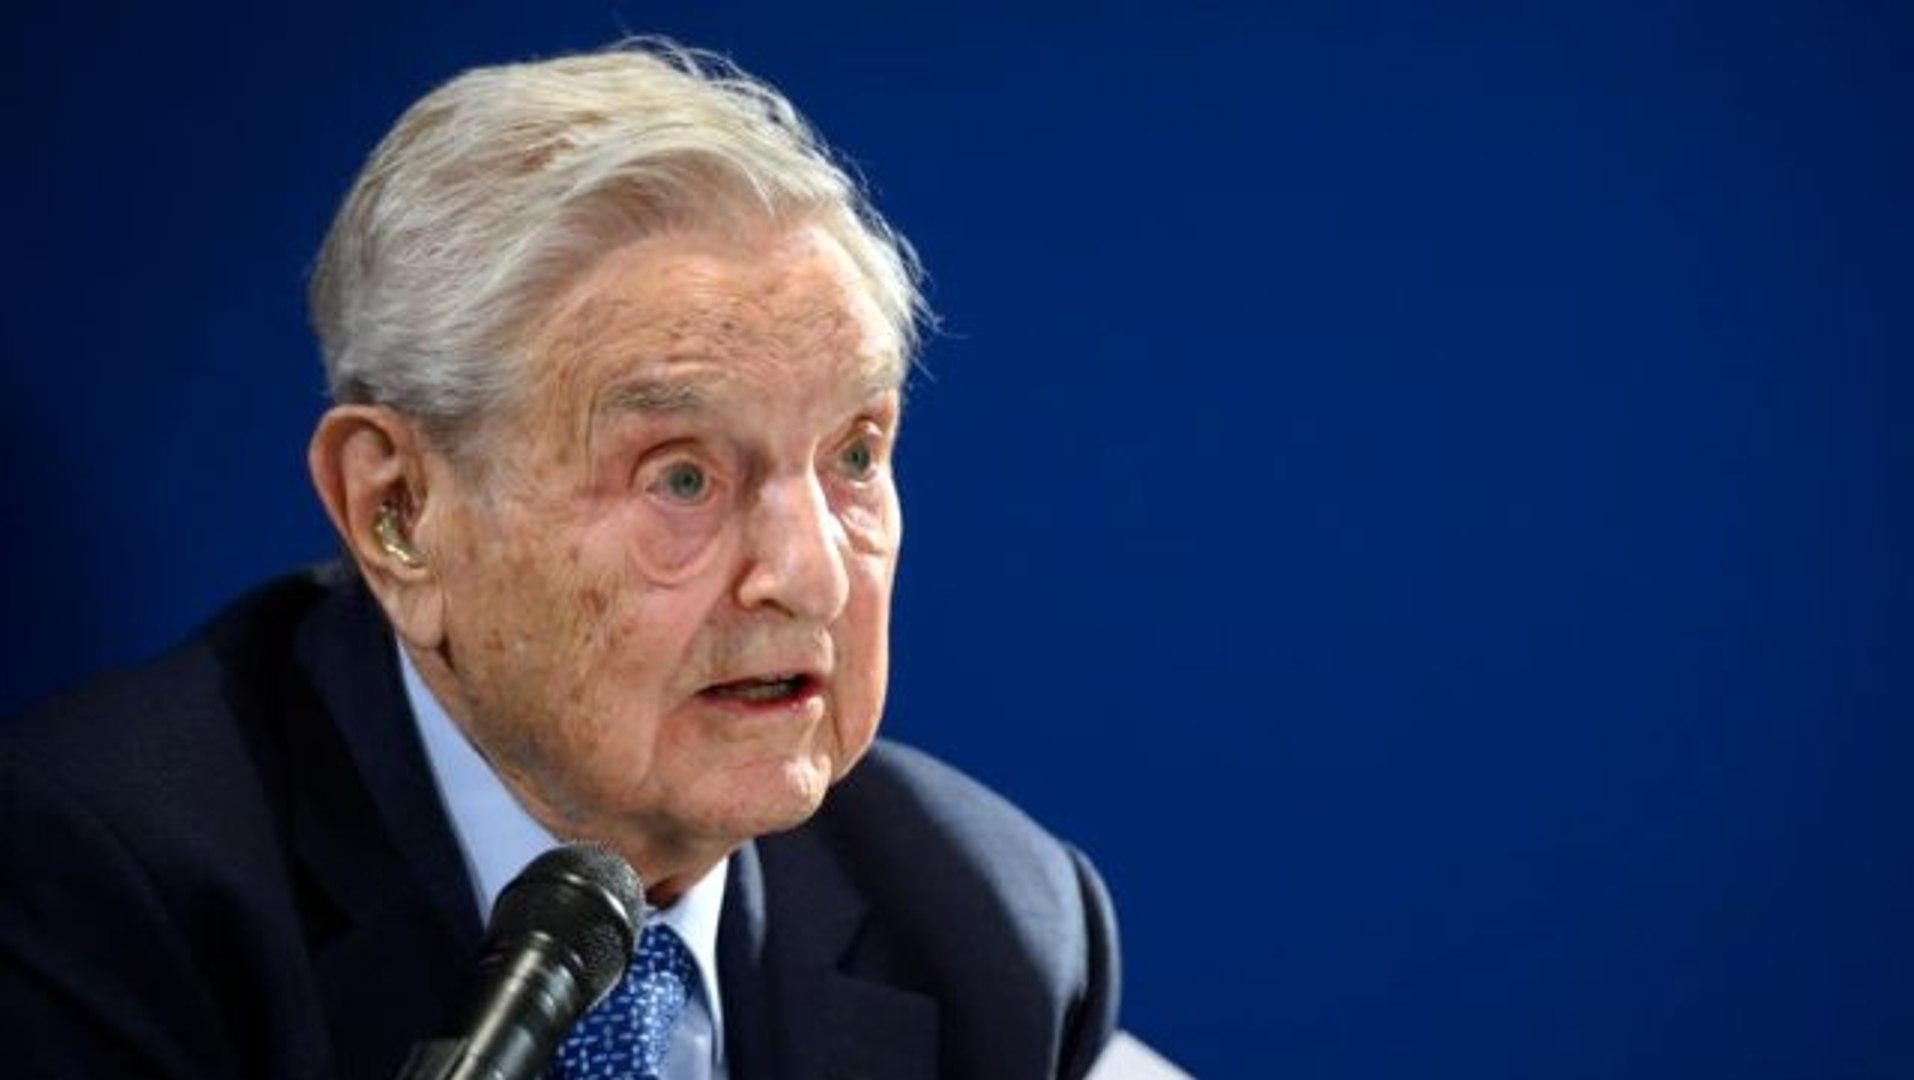 George Soros: Avrupa, Putin'in savaş suçlarına karşı Türkiye'nin yanında durmalı